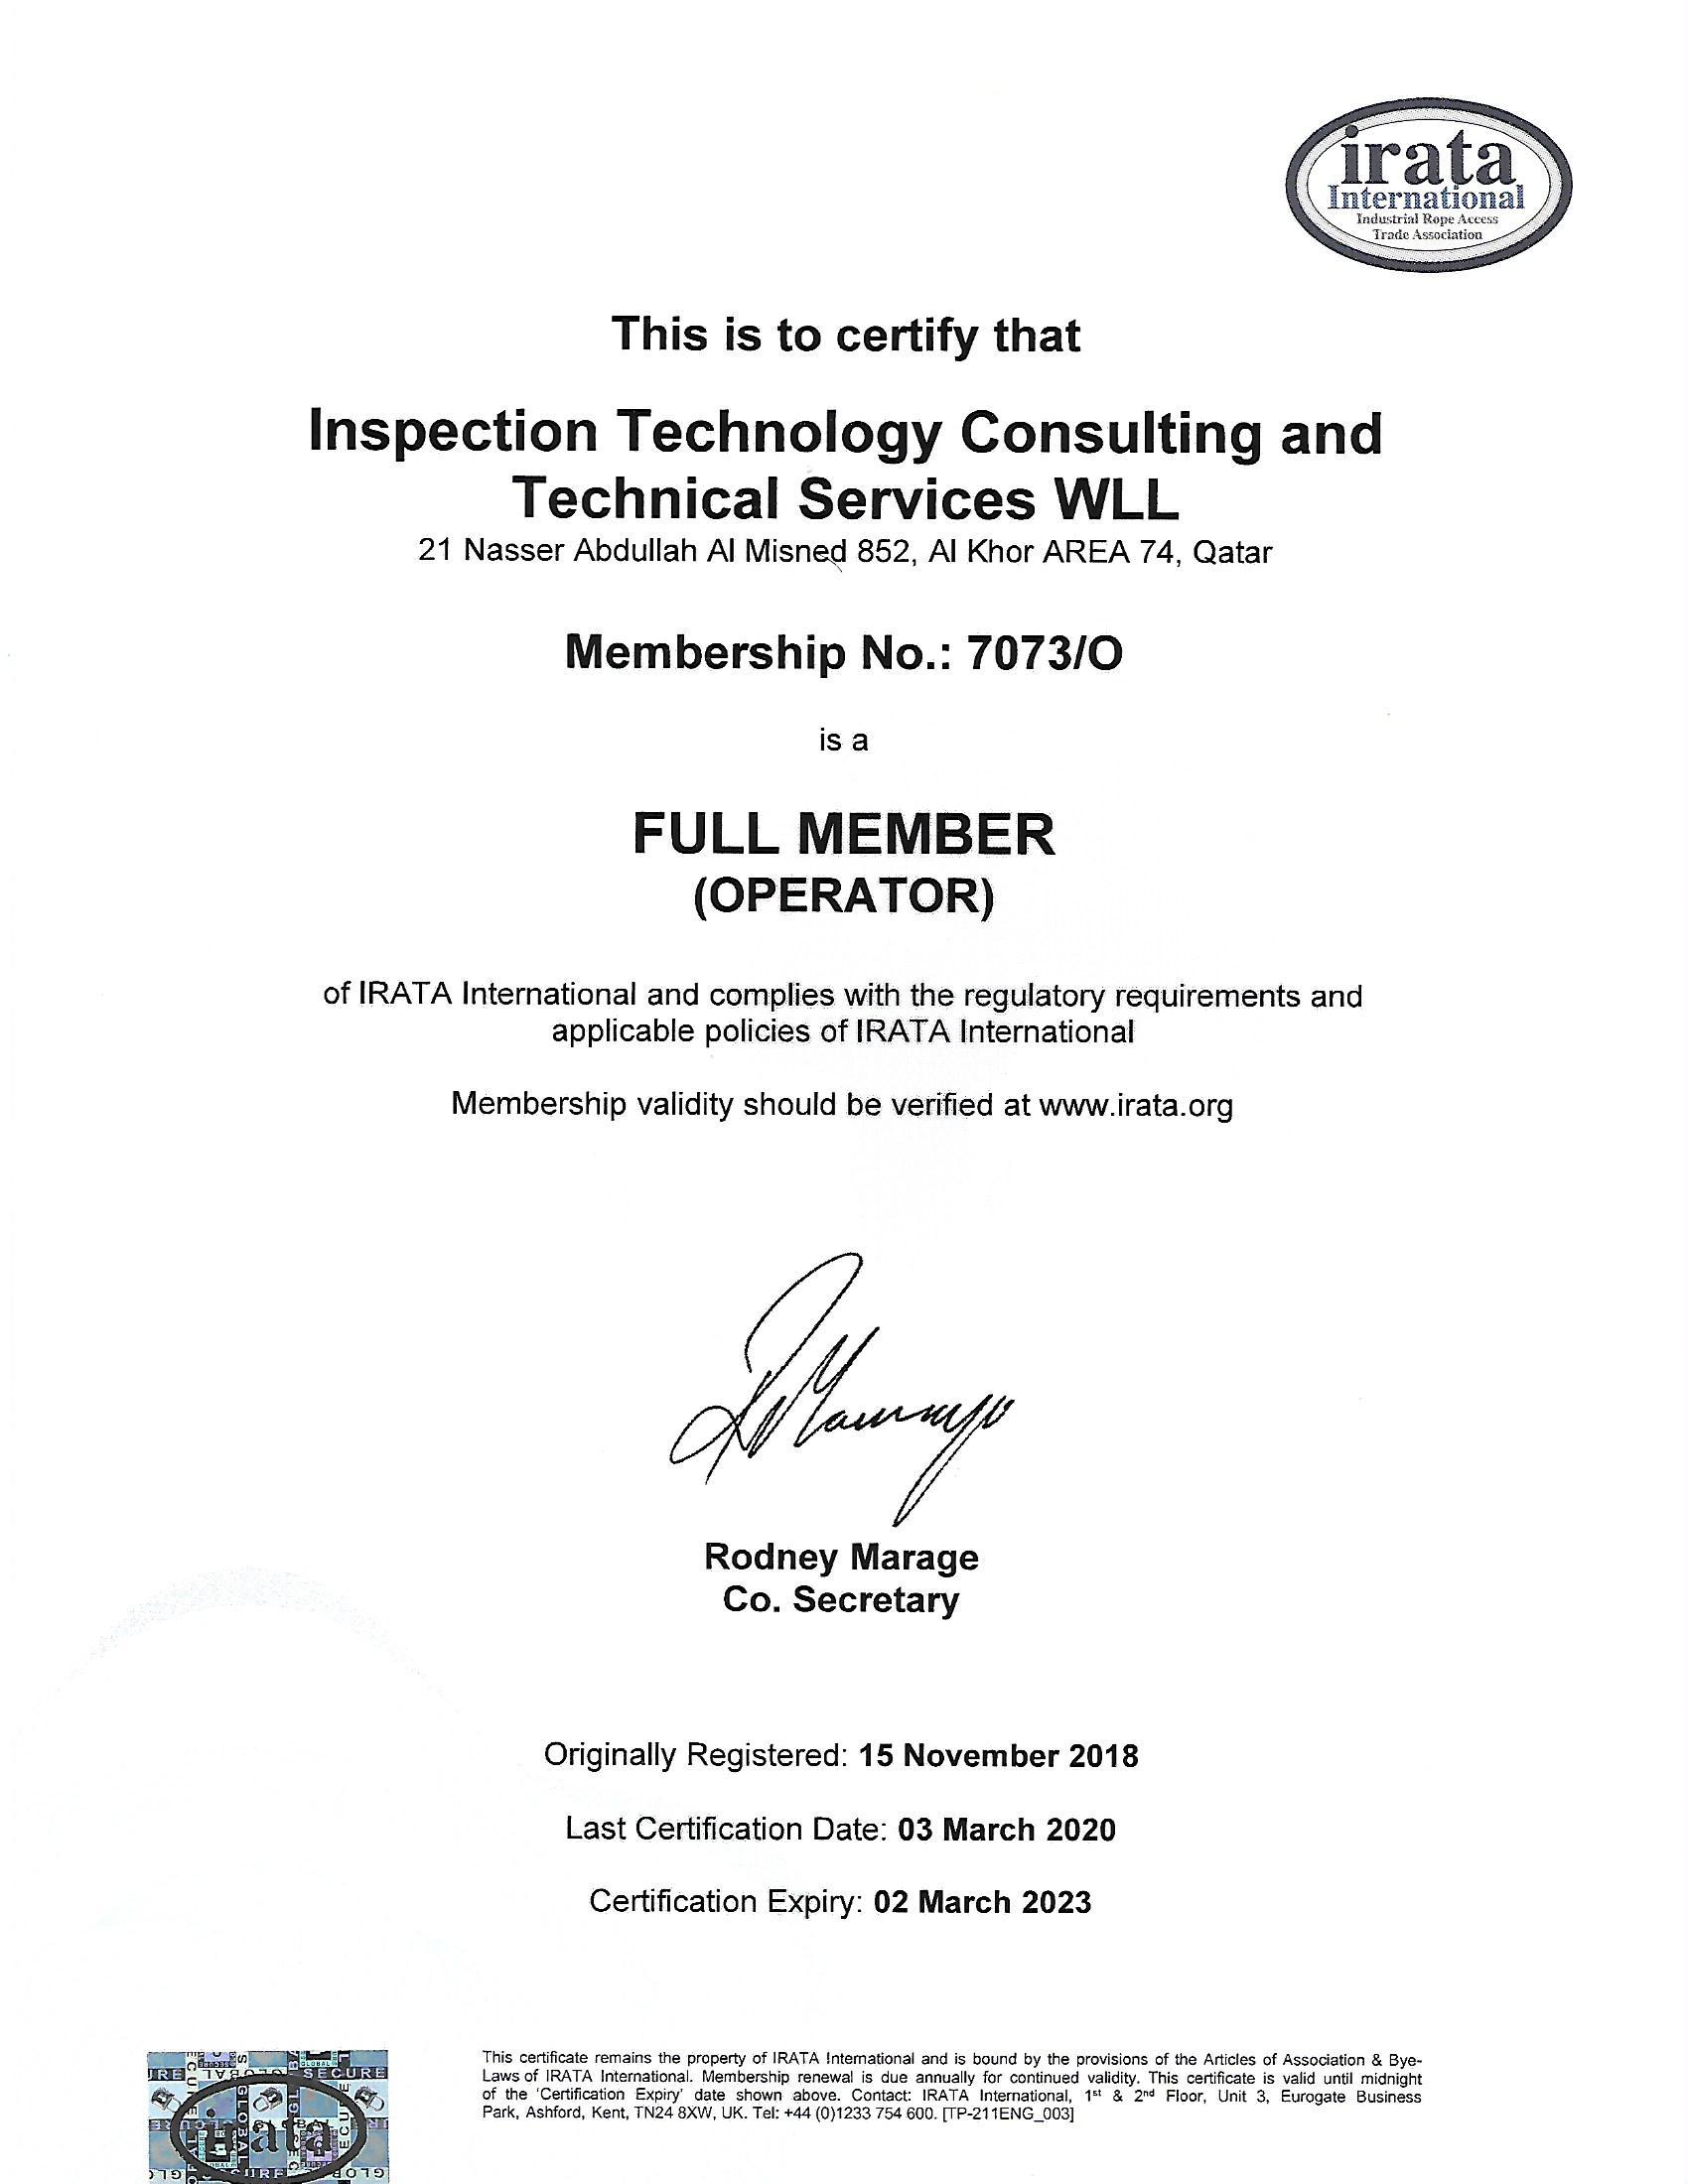 Company IRATA Certificate